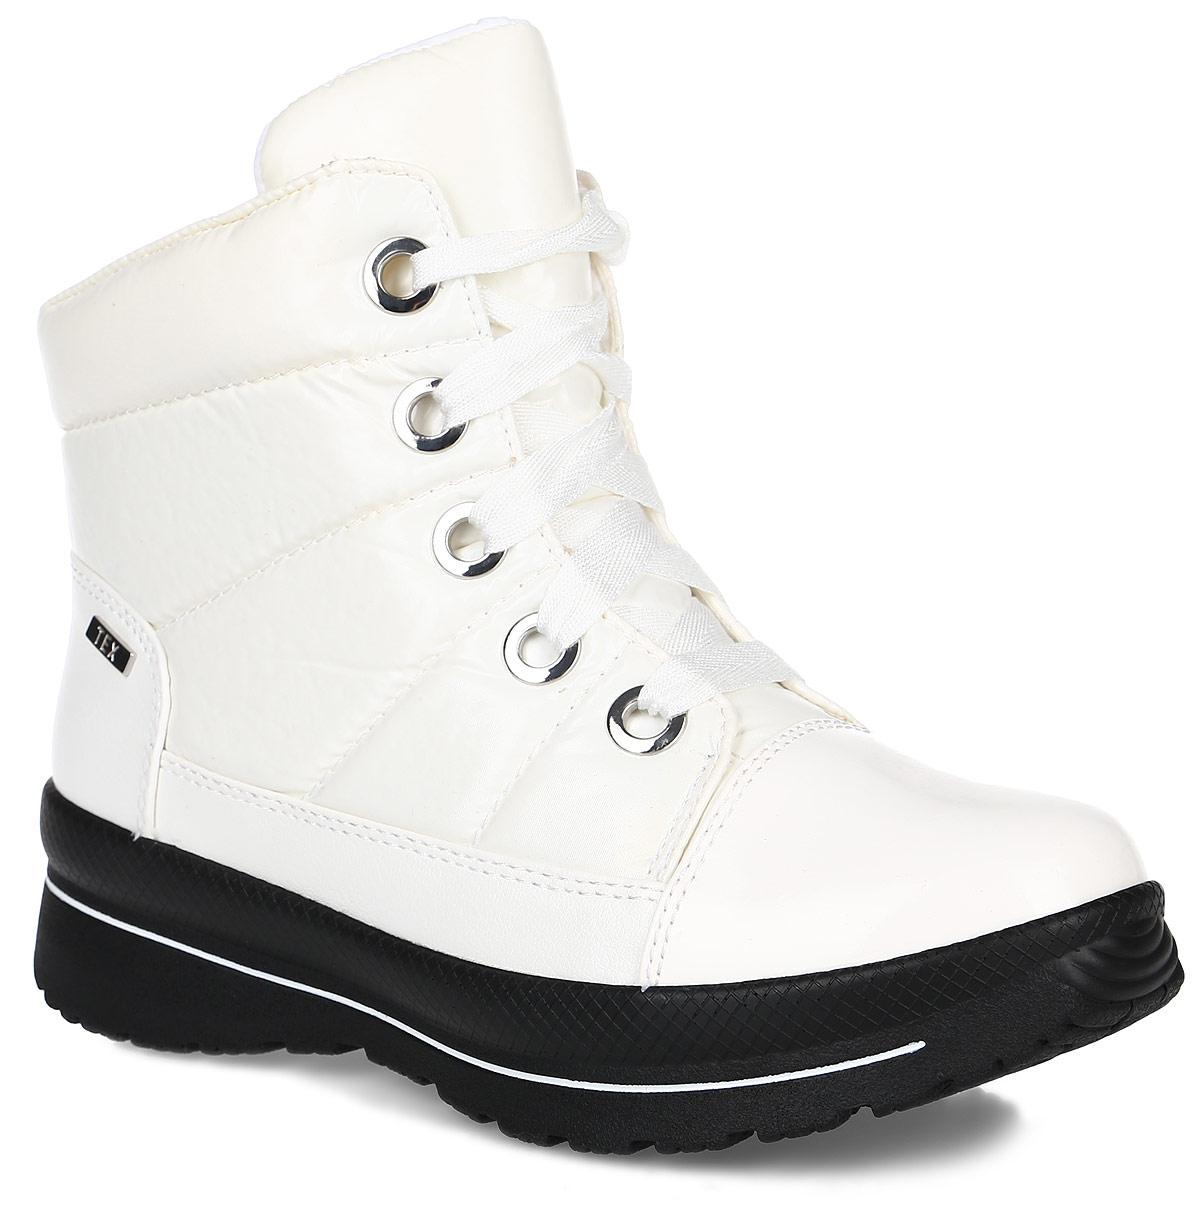 9-26201-25-001Стильные и удобные женские ботинки от Caprice займут достойное место среди вашей коллекции обуви. Модель выполнена из плотного стеганого текстиля со вставками из искусственных материалов. Непродуваемый и непромокаемый верх обуви защитит от непогоды. Между верхним слоем и подкладкой имеется воздухопроницаемая мембрана TEX, которая дополнительно защищает от дождя и ветра. Ботинки застегиваются на застежку-молнию, расположенную на одной из боковых сторон. Шнуровка надежно фиксирует обувь на ноге. Подкладка из шерсти согреет ваши ноги в холодную погоду. Стелька OnAir регулирует воздухообмен и гарантирует снижение давления на стопу. Подошва с протектором отвечает за идеальное сцепление на любой поверхности. В таких ботинках вашим ногам будет комфортно и уютно. Они подчеркнут ваш индивидуальный стиль.